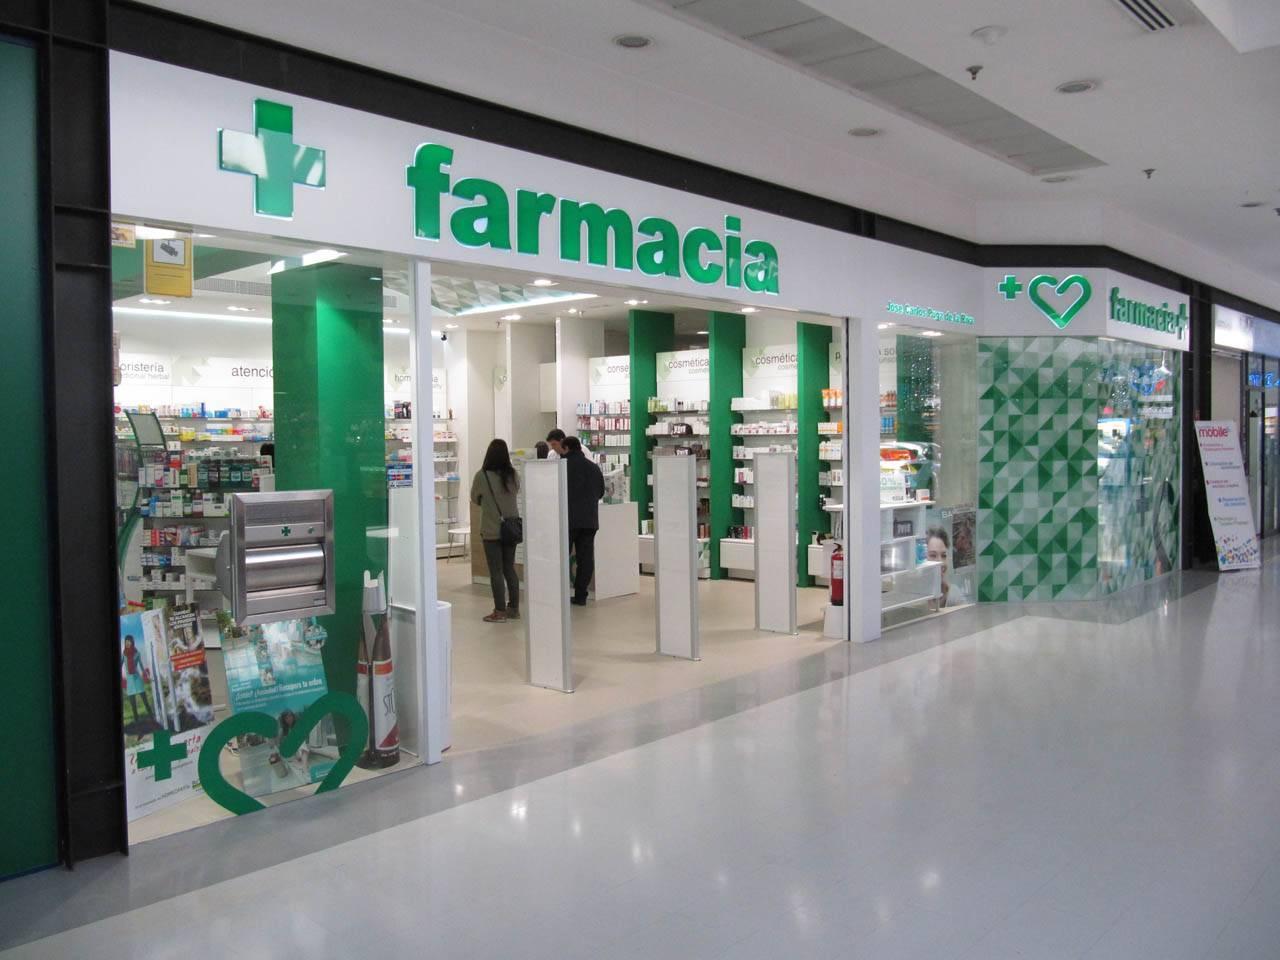 Reformas en farmacias para mejorar las ventas - la importancia de la fachada